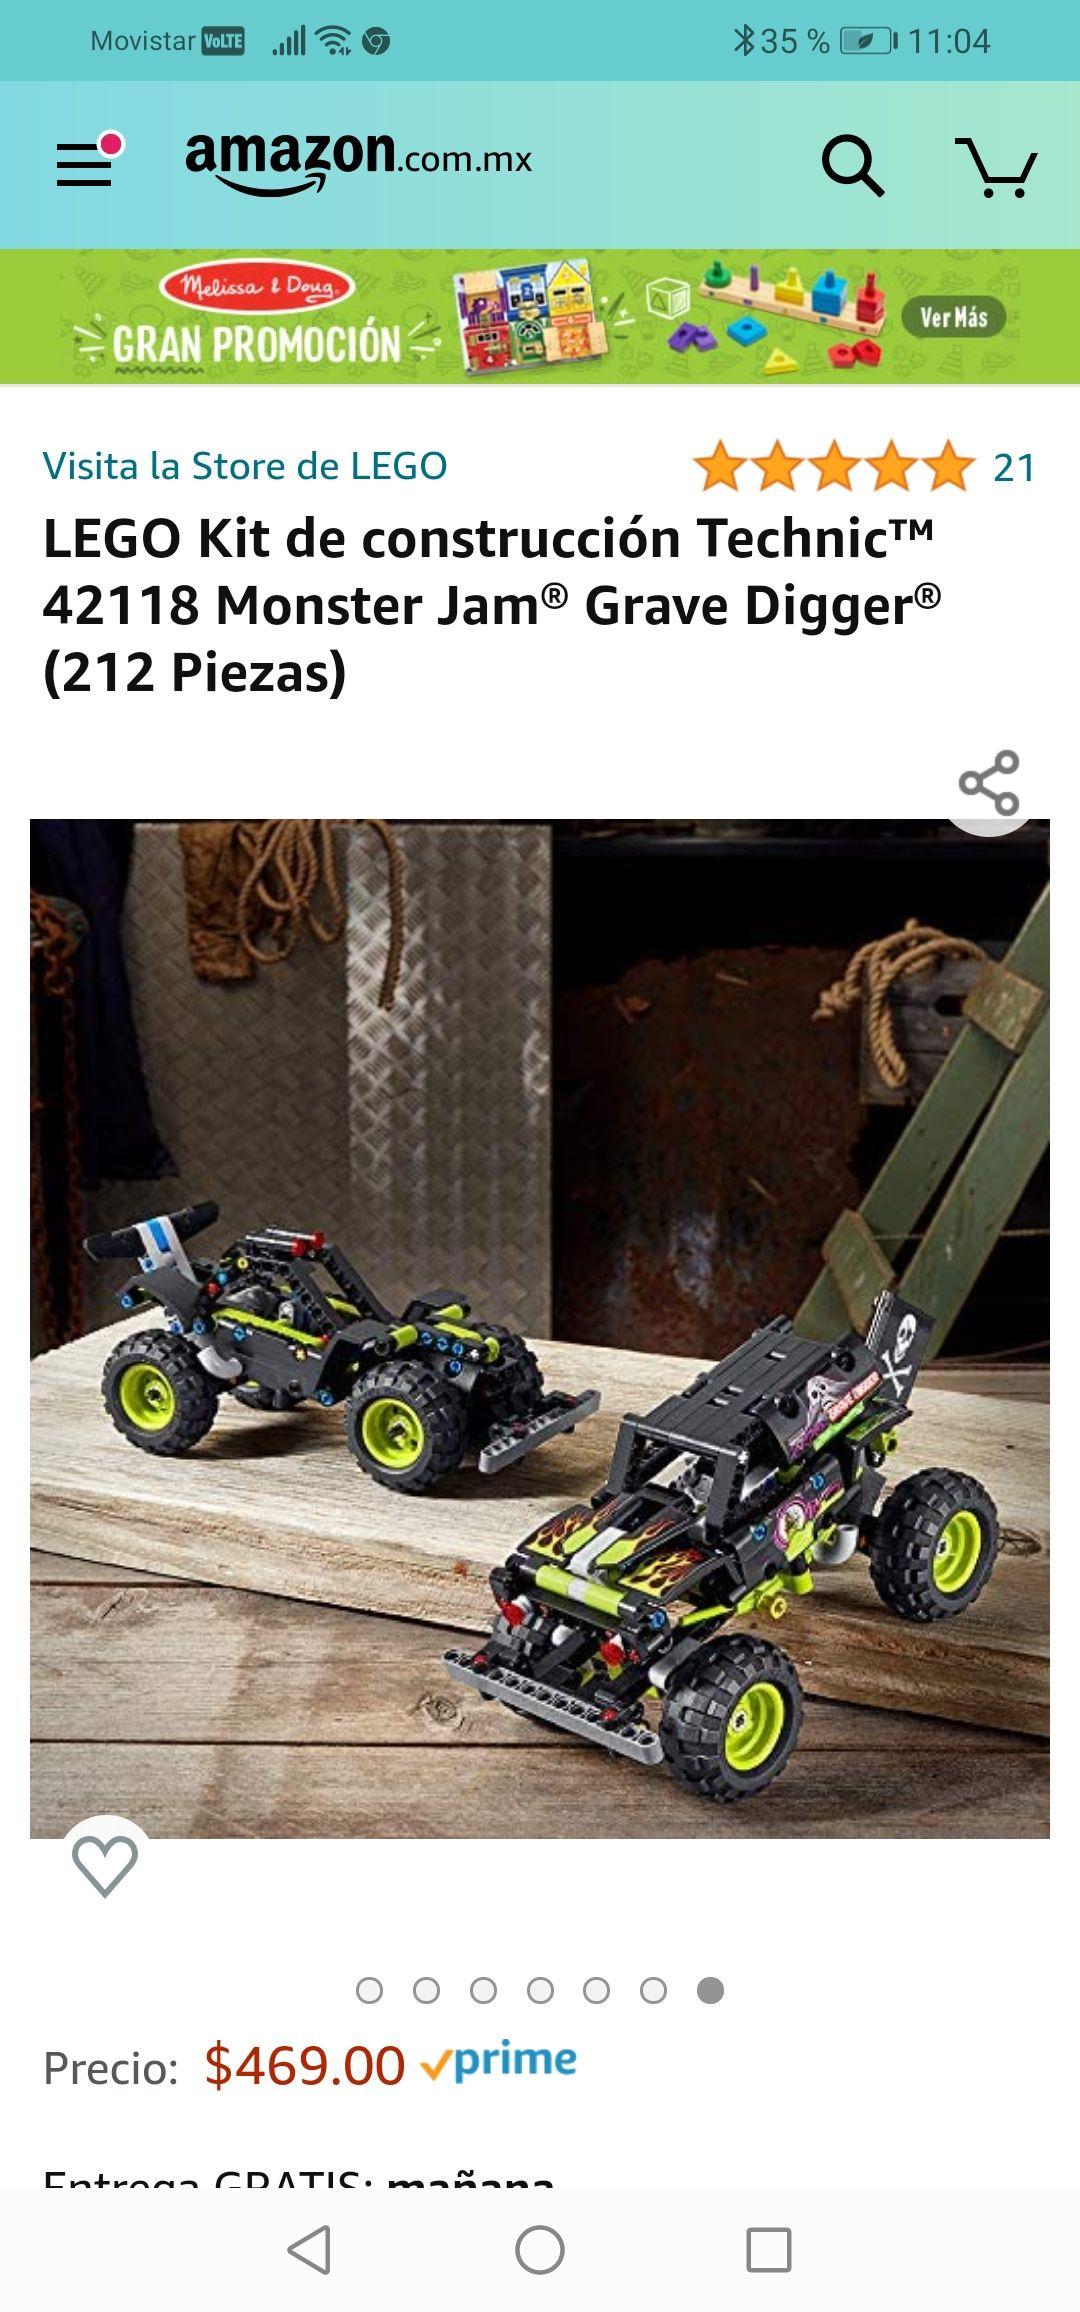 Amazon : LEGO Kit de construcción Technic™ 42118 Monster Jam® Grave Digger® (212 Piezas)